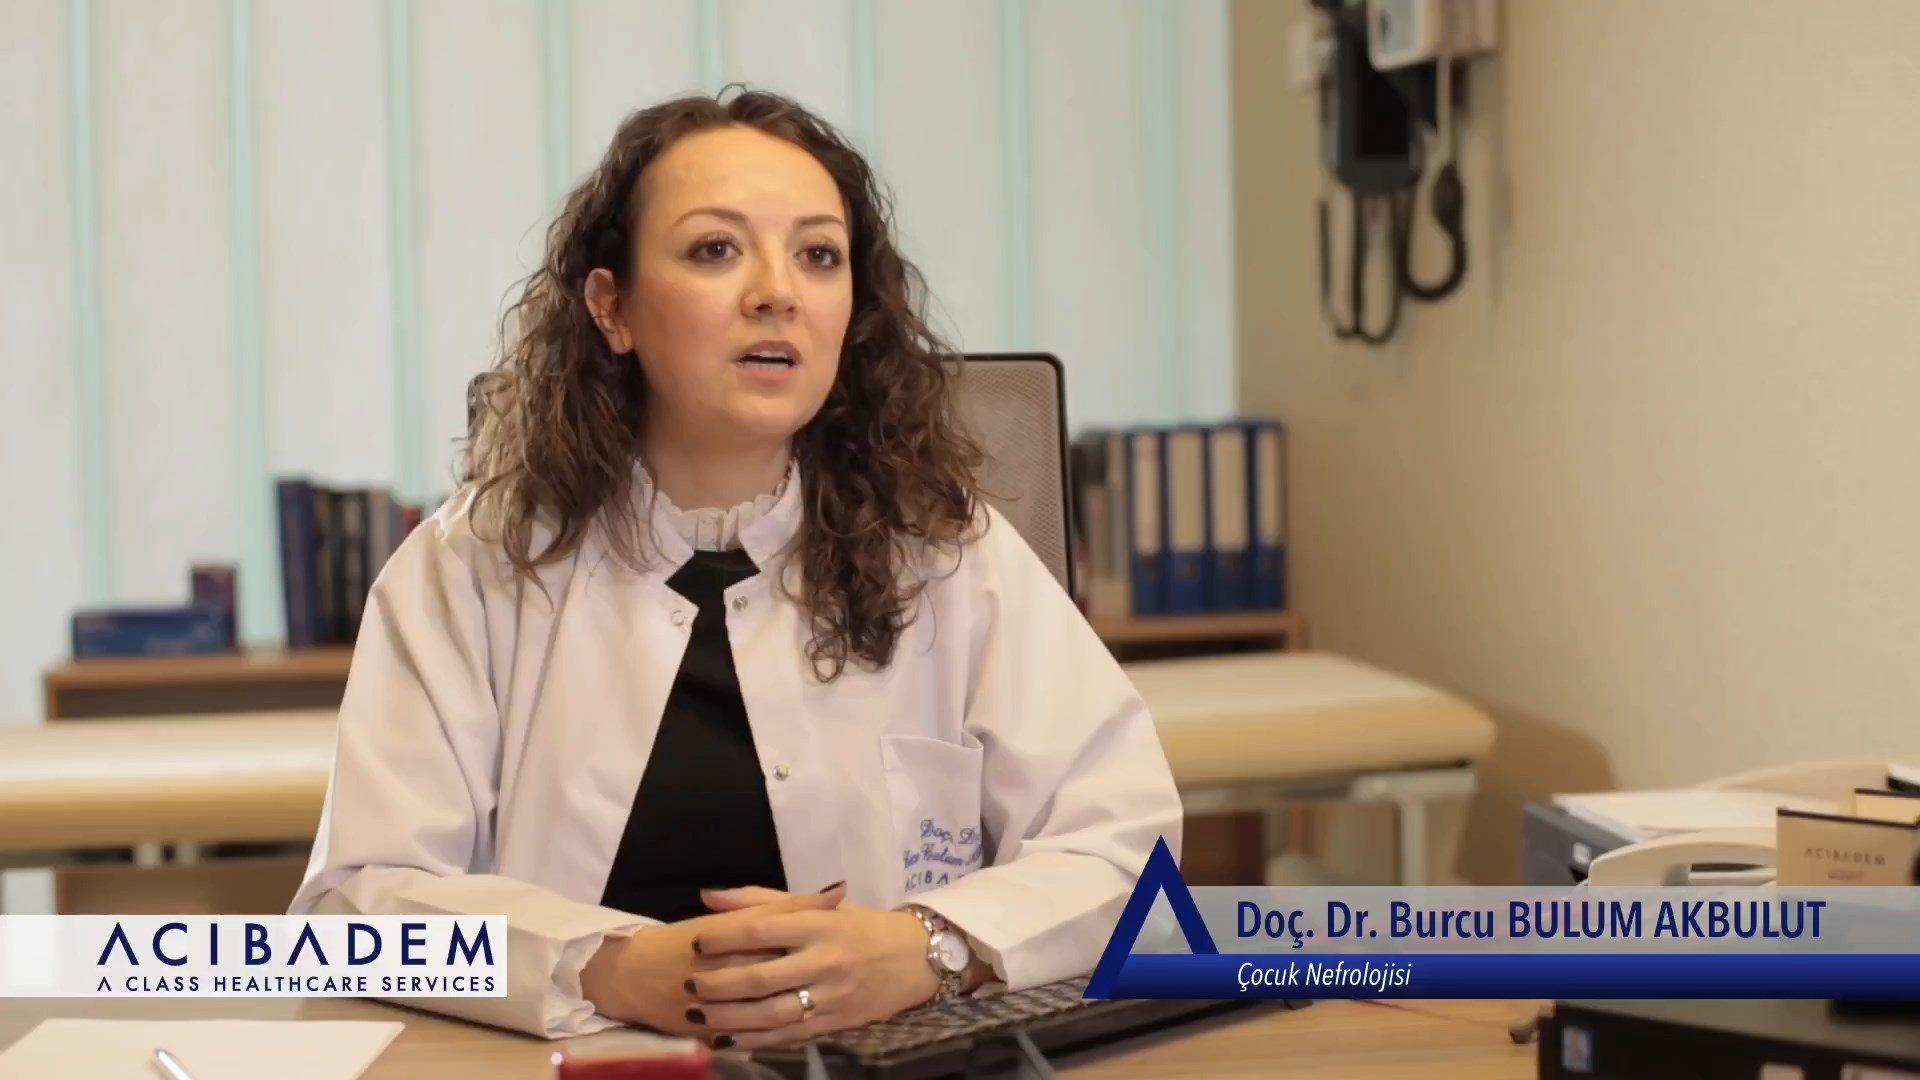 Acıbadem Hastanesi Tanıtım Filmi.mp4 snapshot 06.59 1920x1080 - Acıbadem Hastanesi Tanıtım Filmi